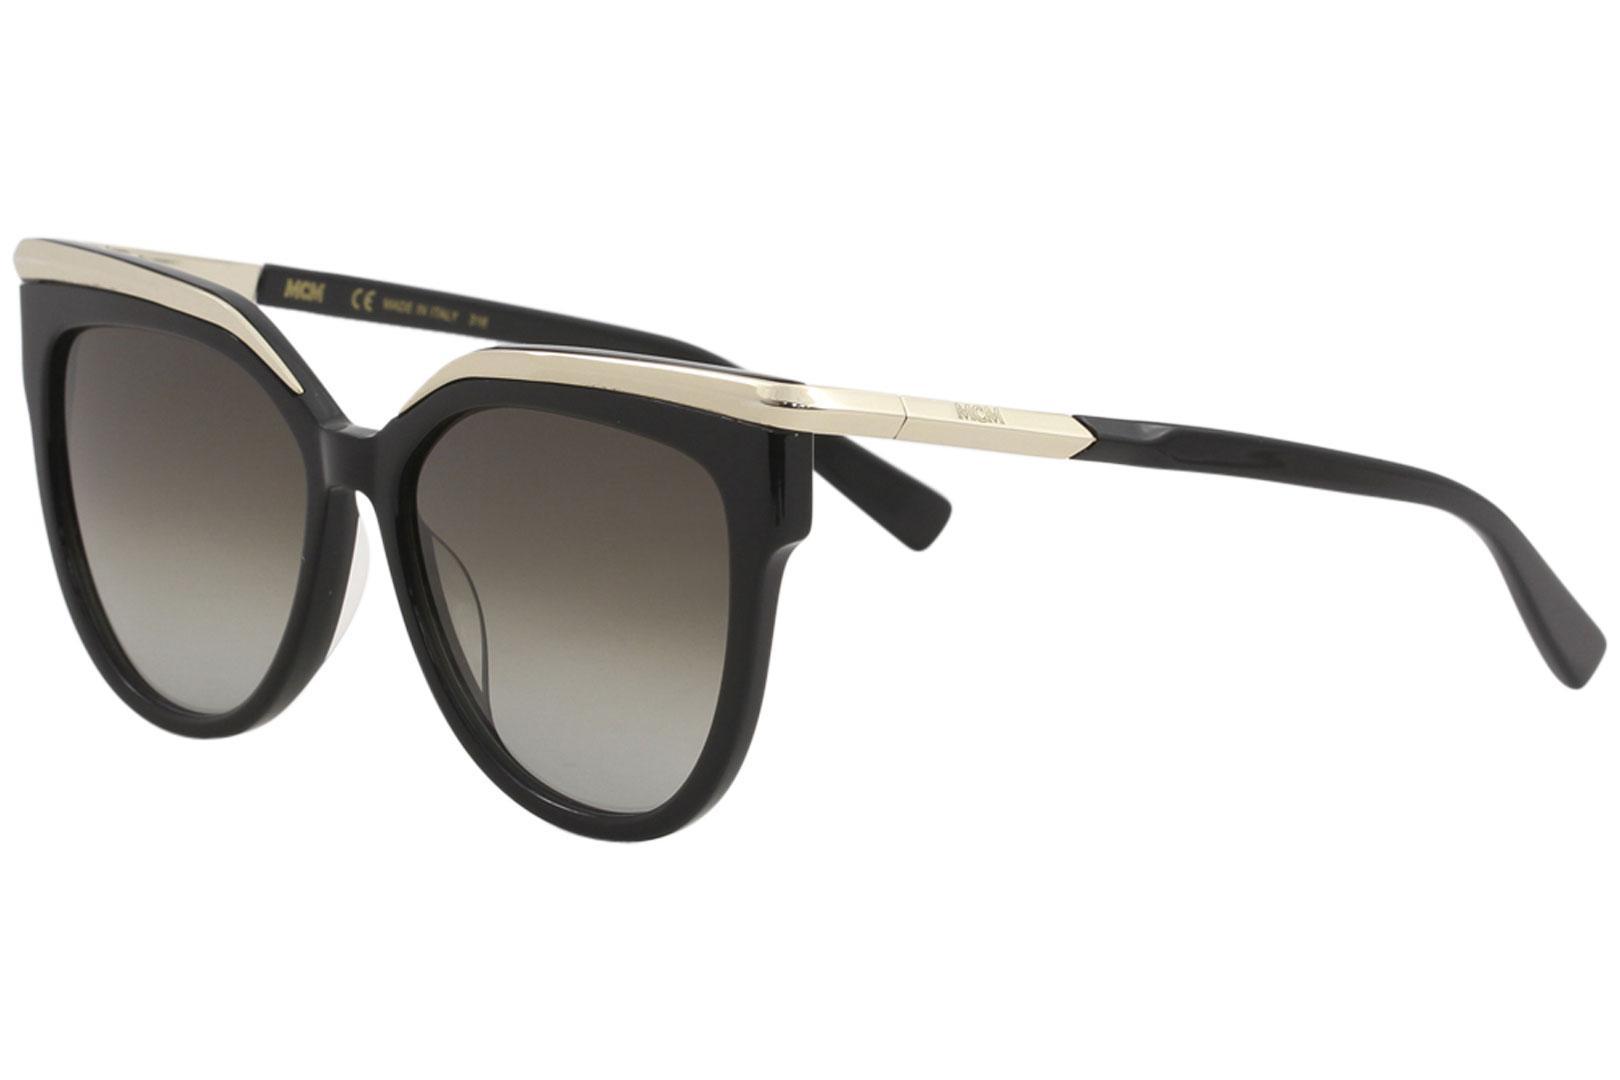 16fddd694e0e2 MCM Women s MCM637S MCM 637 S Fashion Round Sunglasses